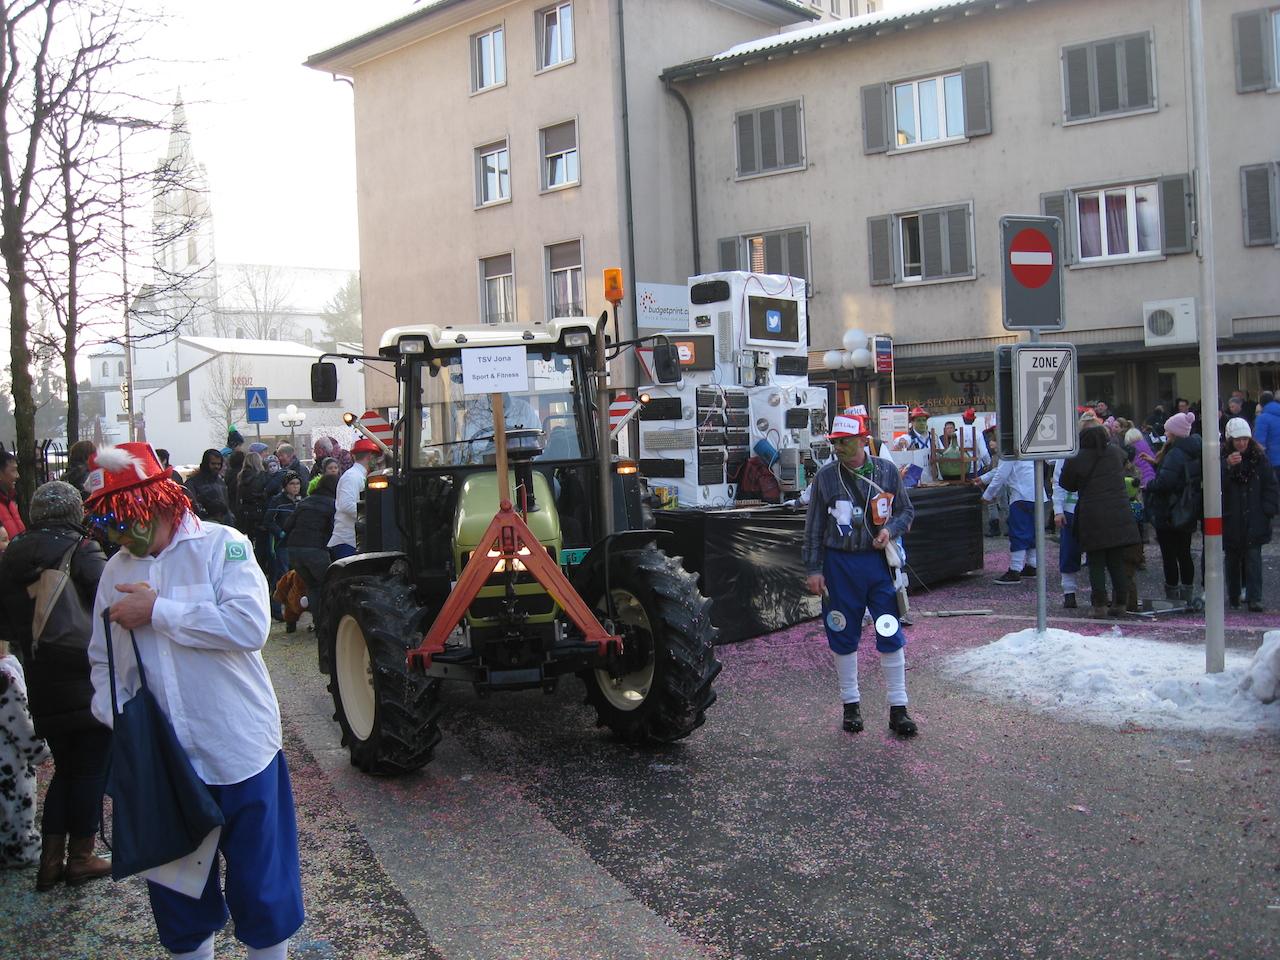 TSVJ-SF-2015-02-12-Fasnacht-IMG_3199.JPG